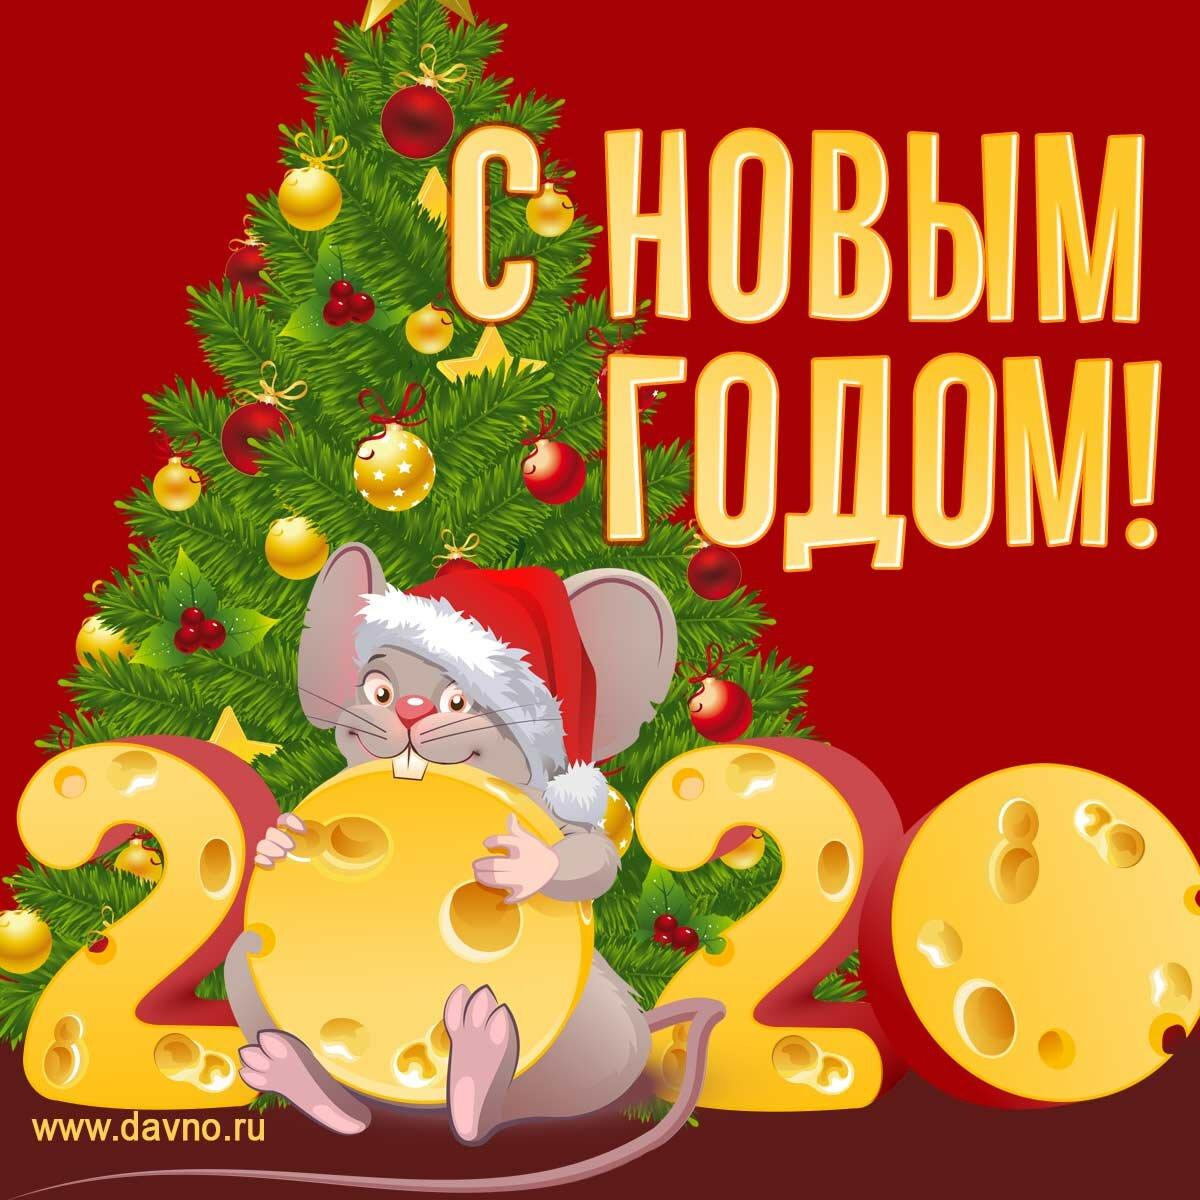 Поздравление на Новый 2020 год #новыйгод #поздравления #открытка . Оригинальные голосовые поздравления с Новым 2020 годом сморите на сайте: https://online-clubs.com/top/2020.php